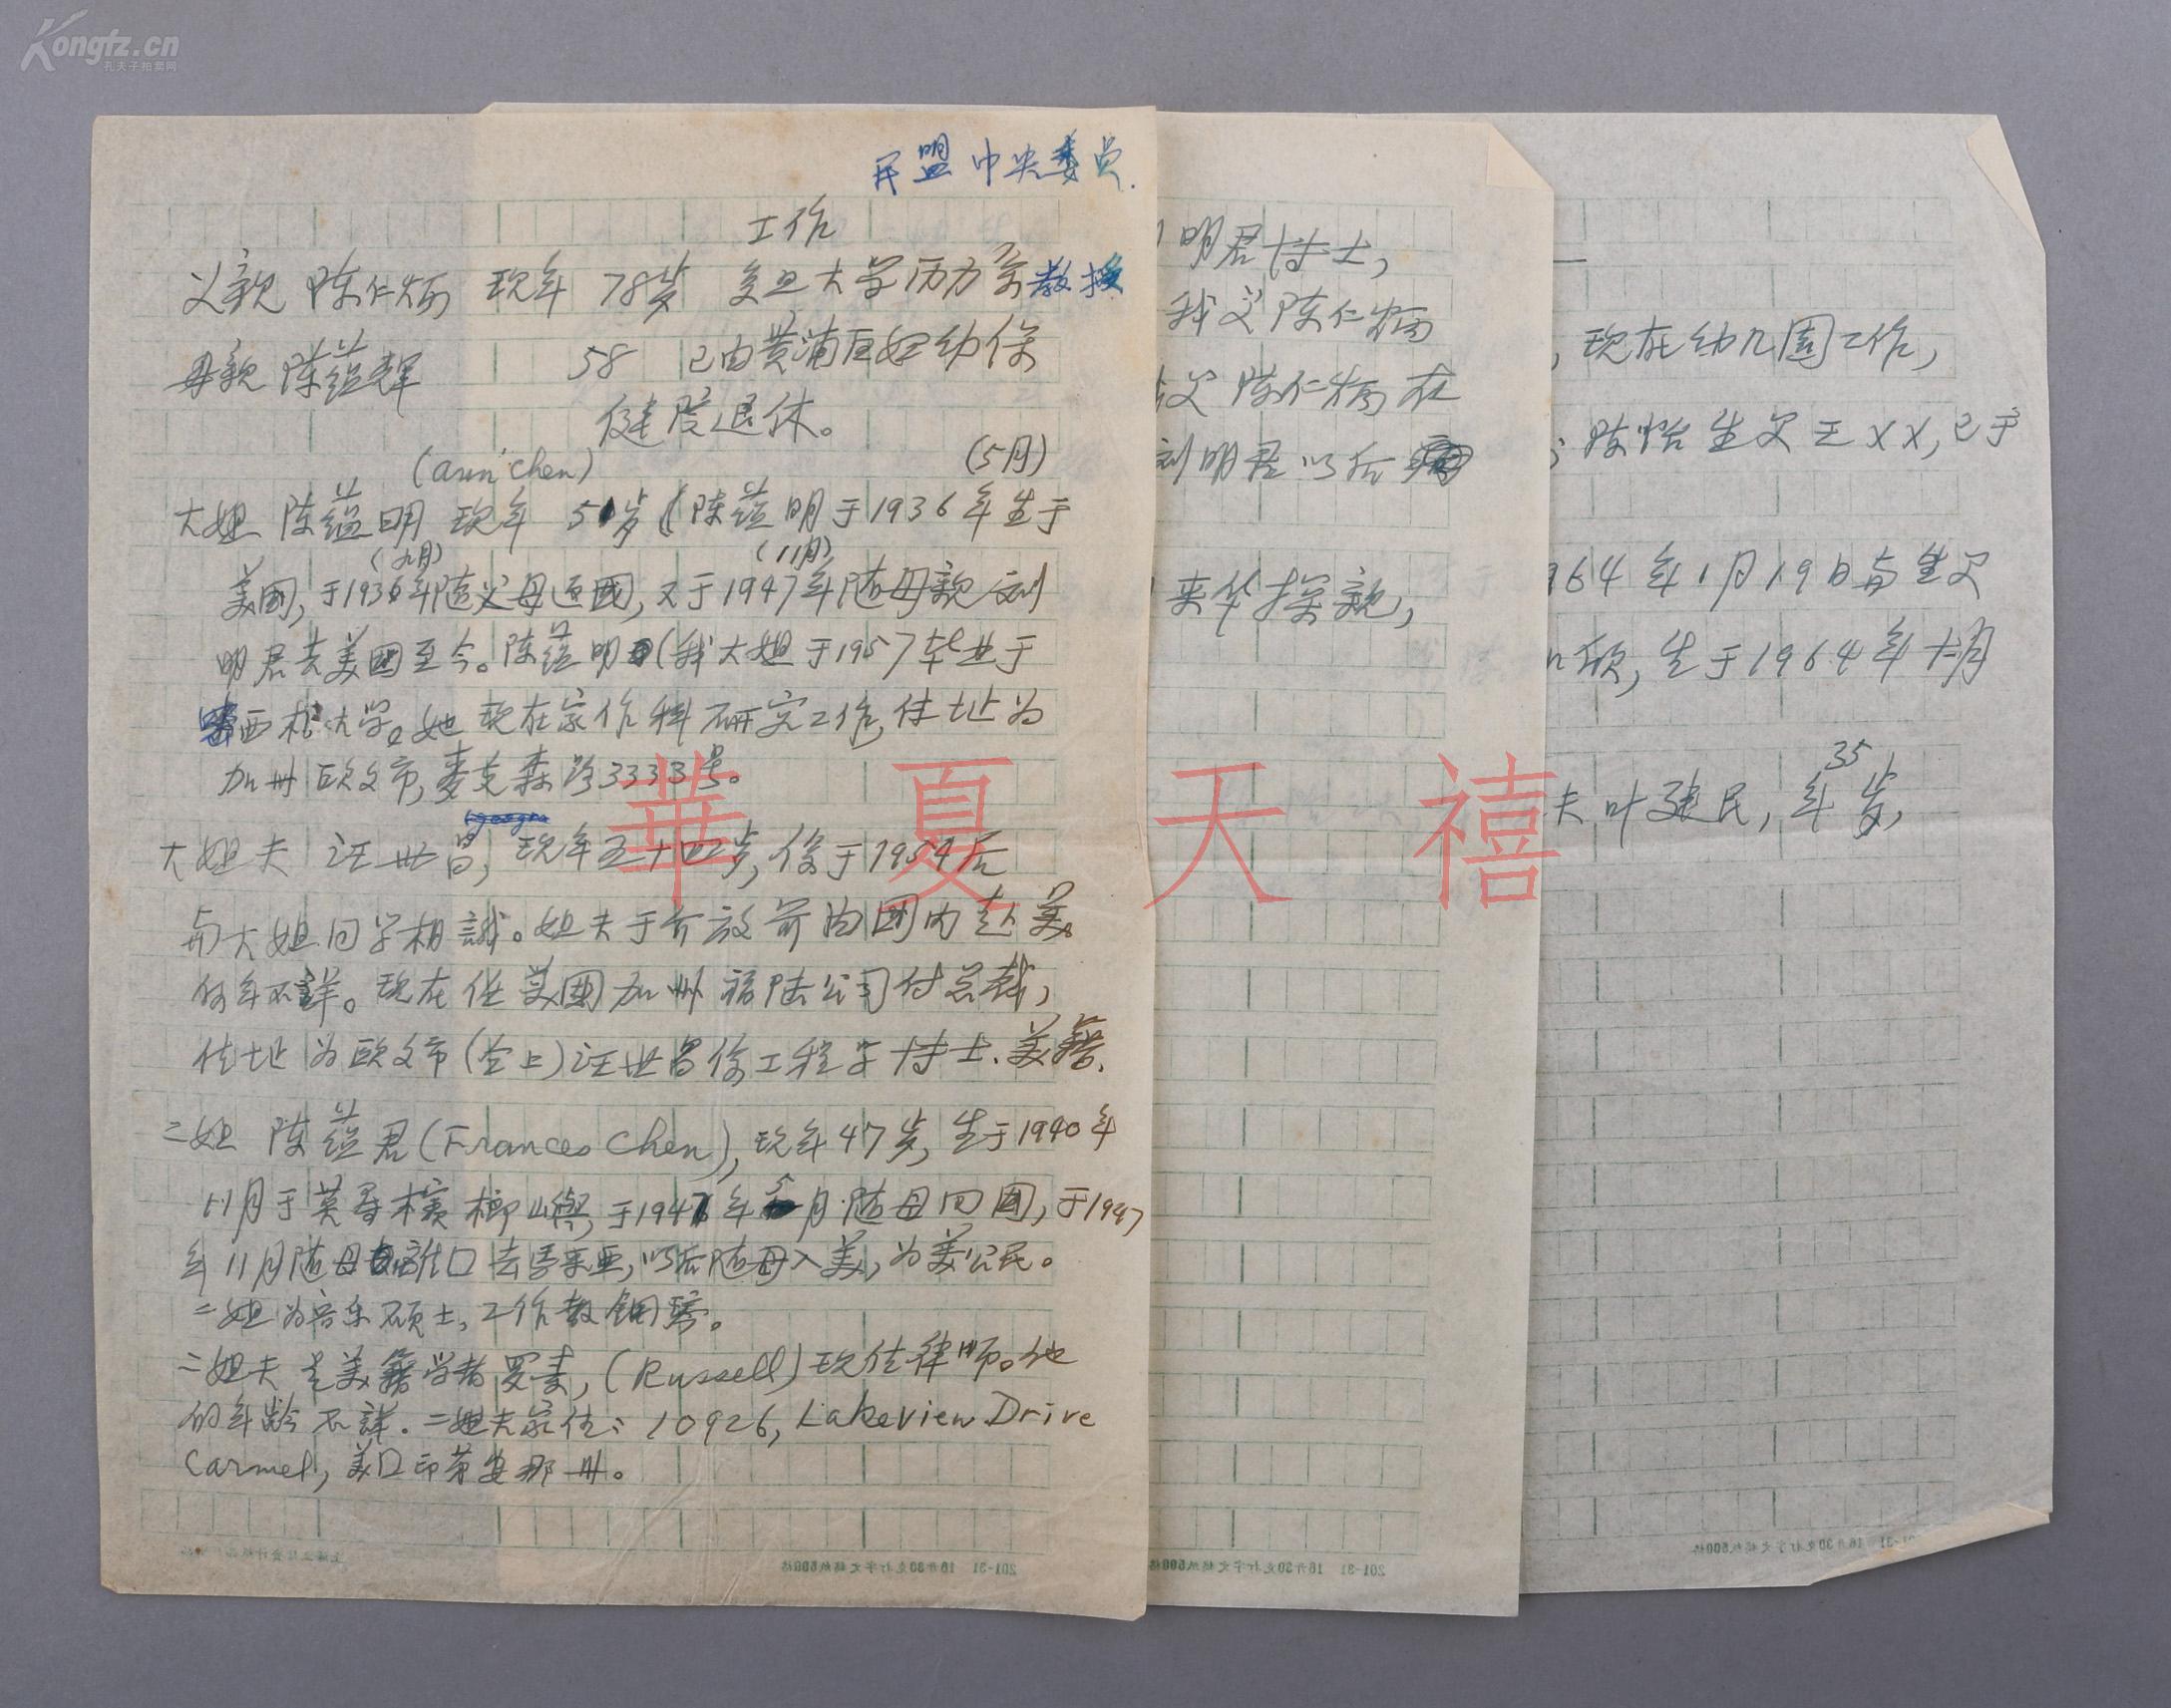 五大右派之一陈仁炳之子 陈加欣 约1987年手写稿